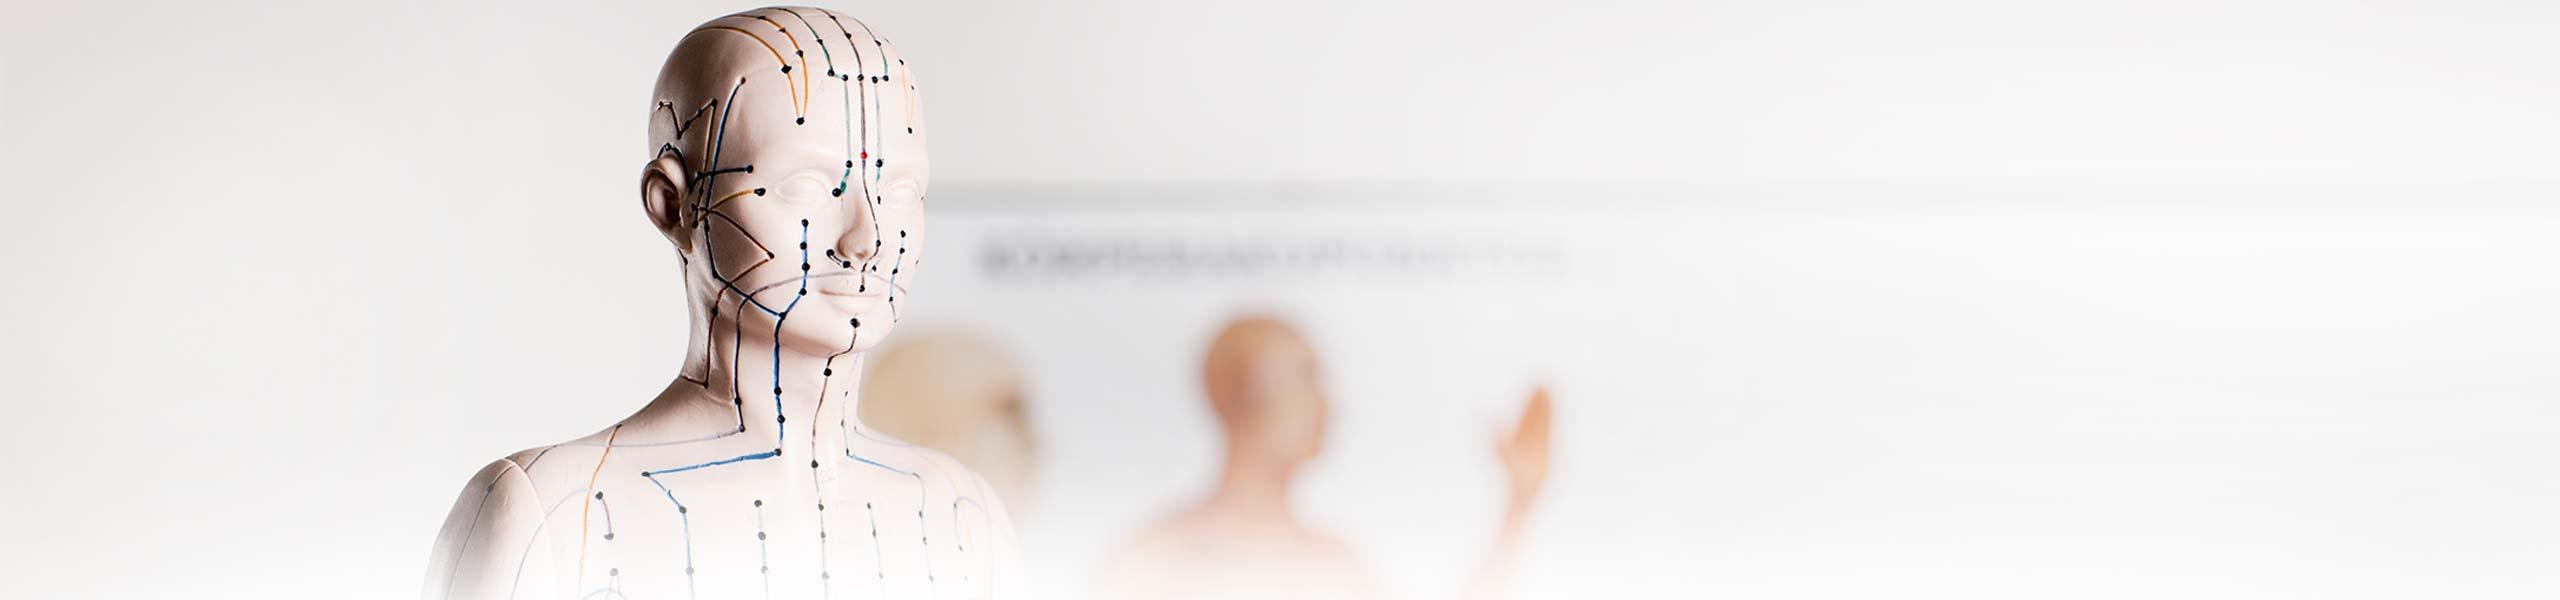 sportopaedie heidelberg akupunktur header